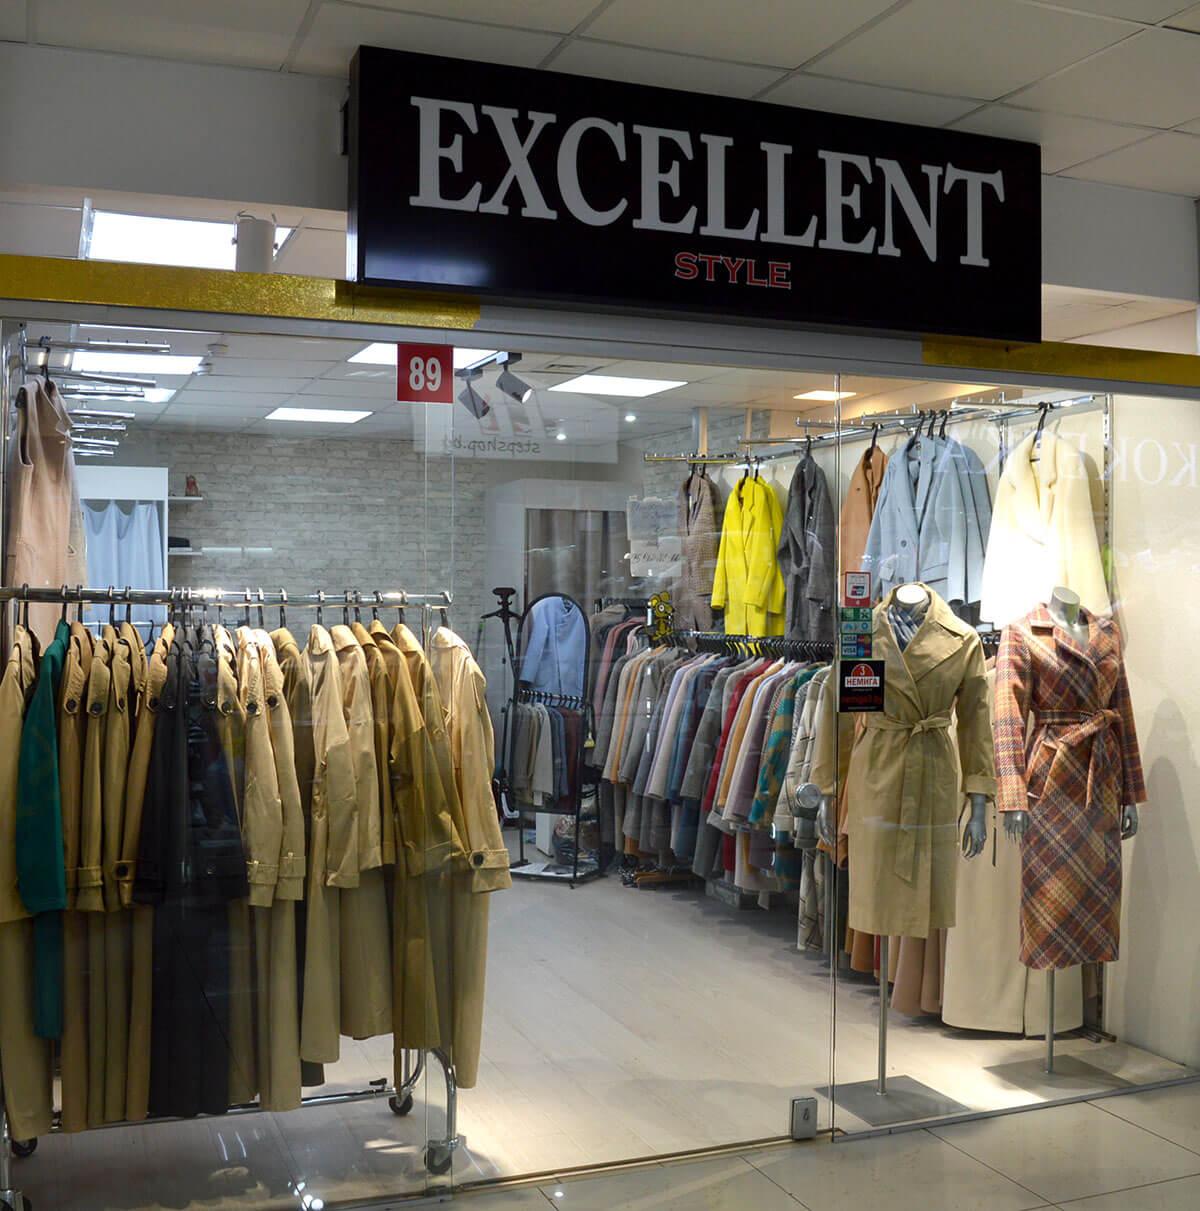 «EXCELLENT» - магазин женской одежды в павильоне №89 на 1-м этажеТоргового Центра «Немига 3»